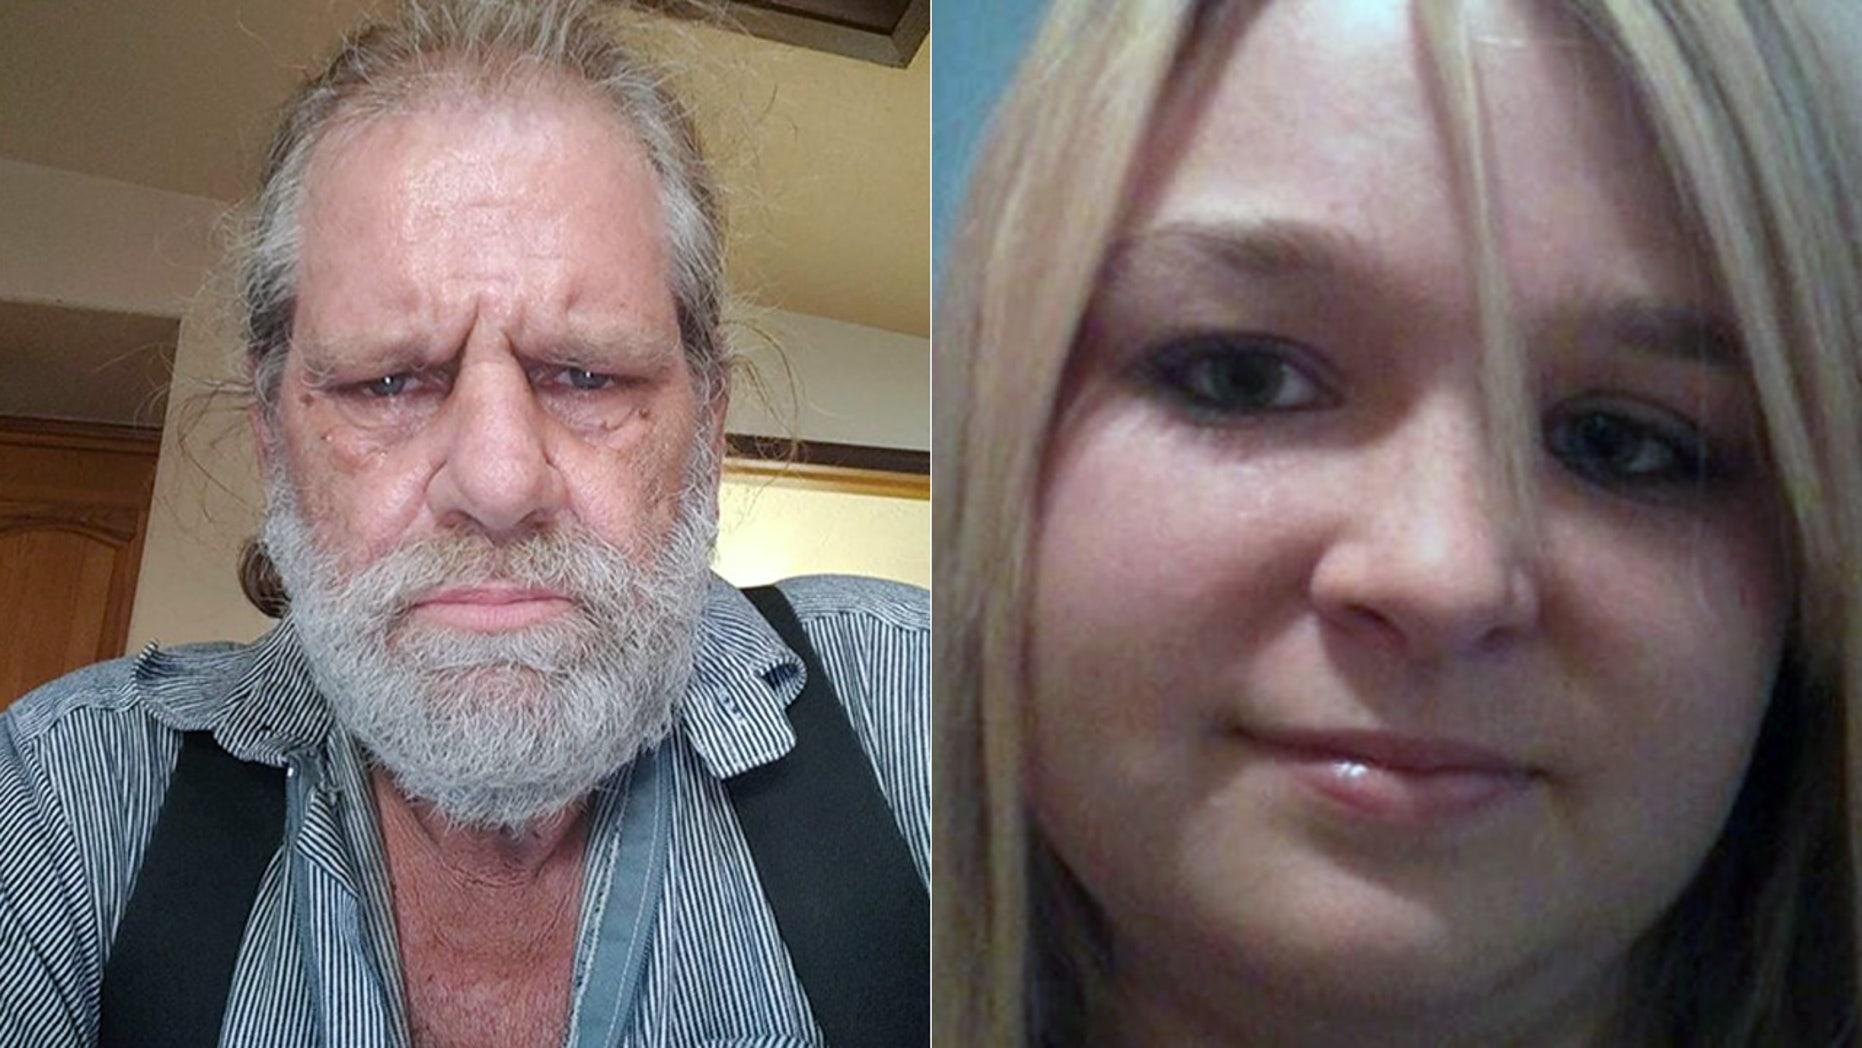 Shooting victims Darrell Iverson and Tiffany May.